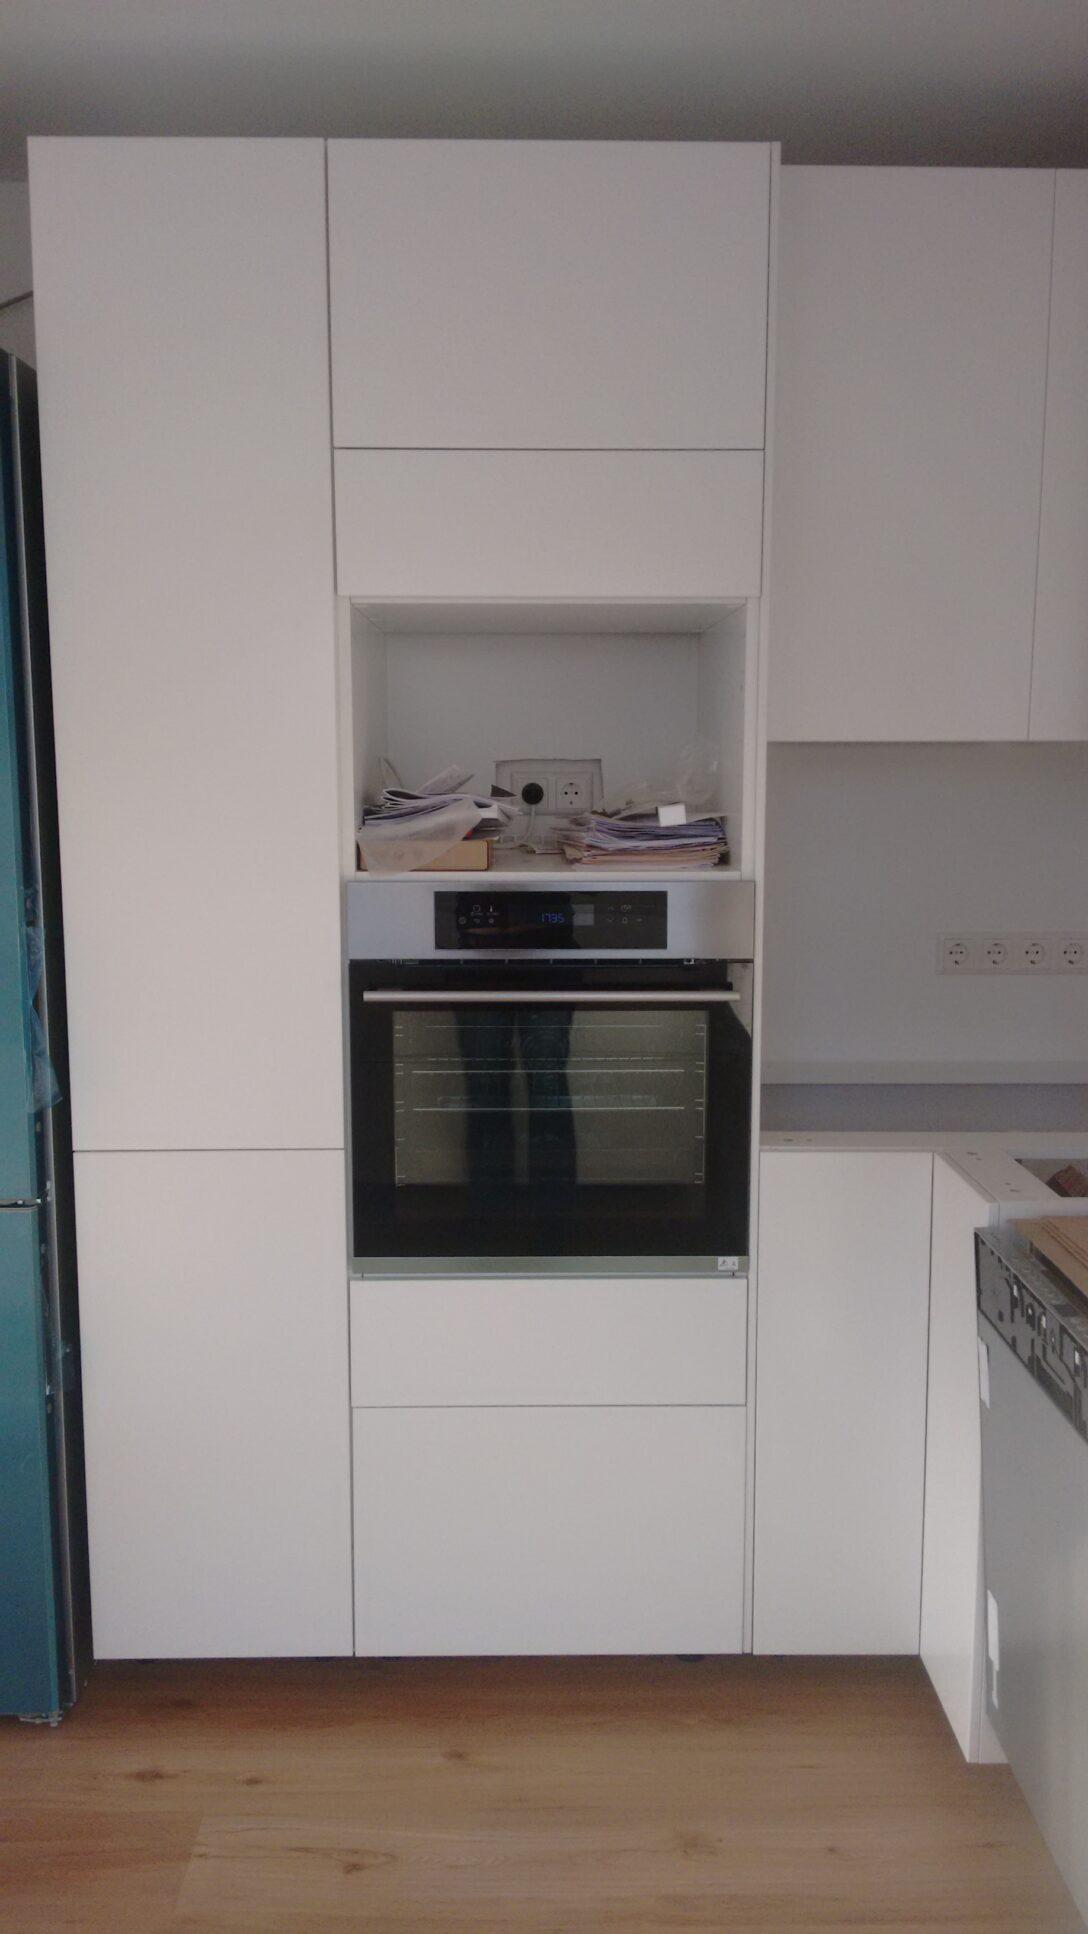 Large Size of Ikea Miniküche Küche Kosten Vorratsschrank Betten Bei Modulküche Kaufen Sofa Mit Schlaffunktion 160x200 Wohnzimmer Ikea Vorratsschrank